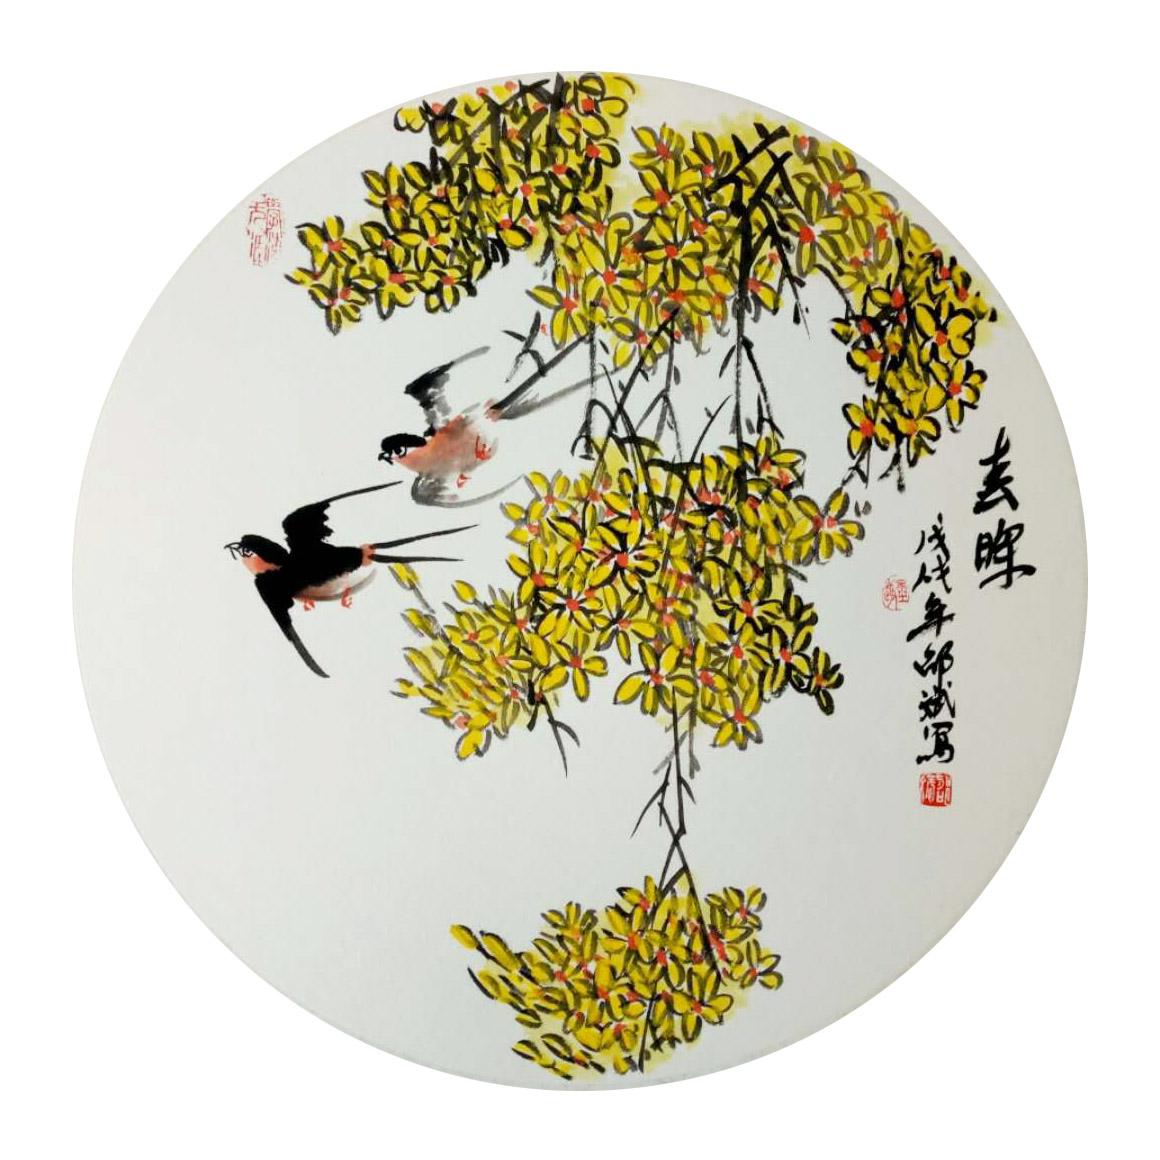 春晖 迎春花、燕子 戊戌春月